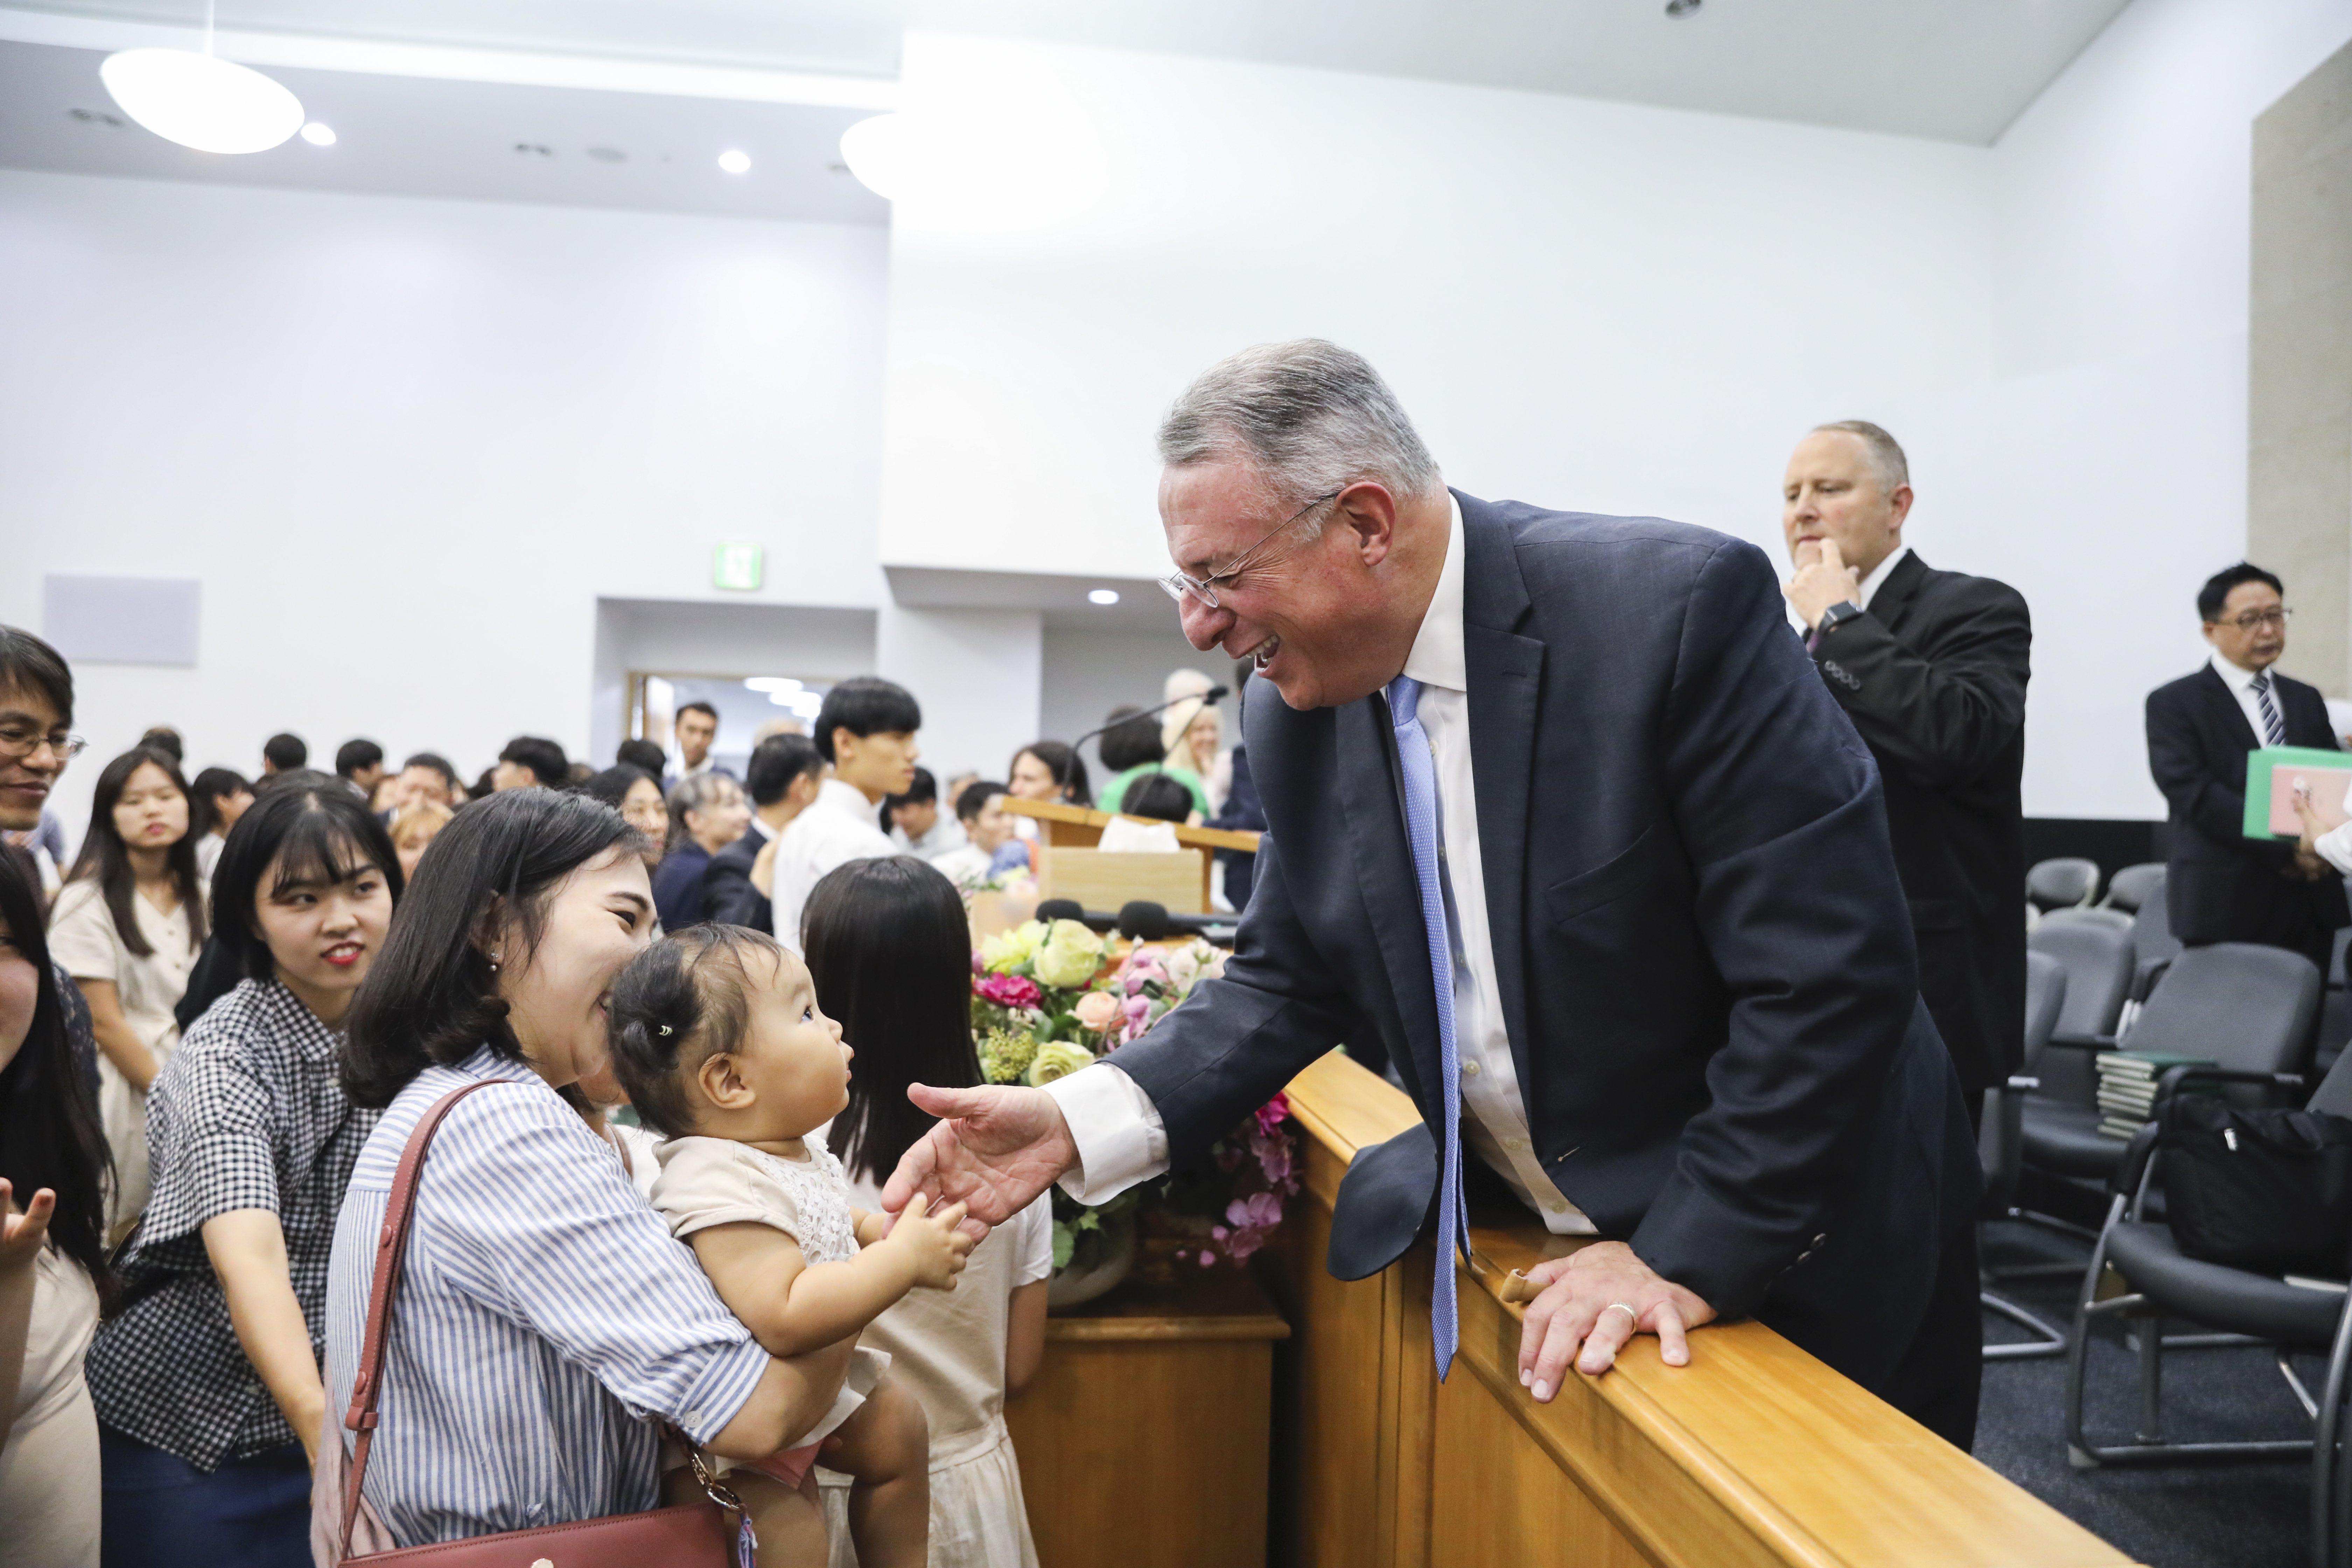 El domingo 25 de agosto de 2019 élder Ulisses Soares saluda a los miembros después de una transmisión nacional en Seúl, Corea del Sur.